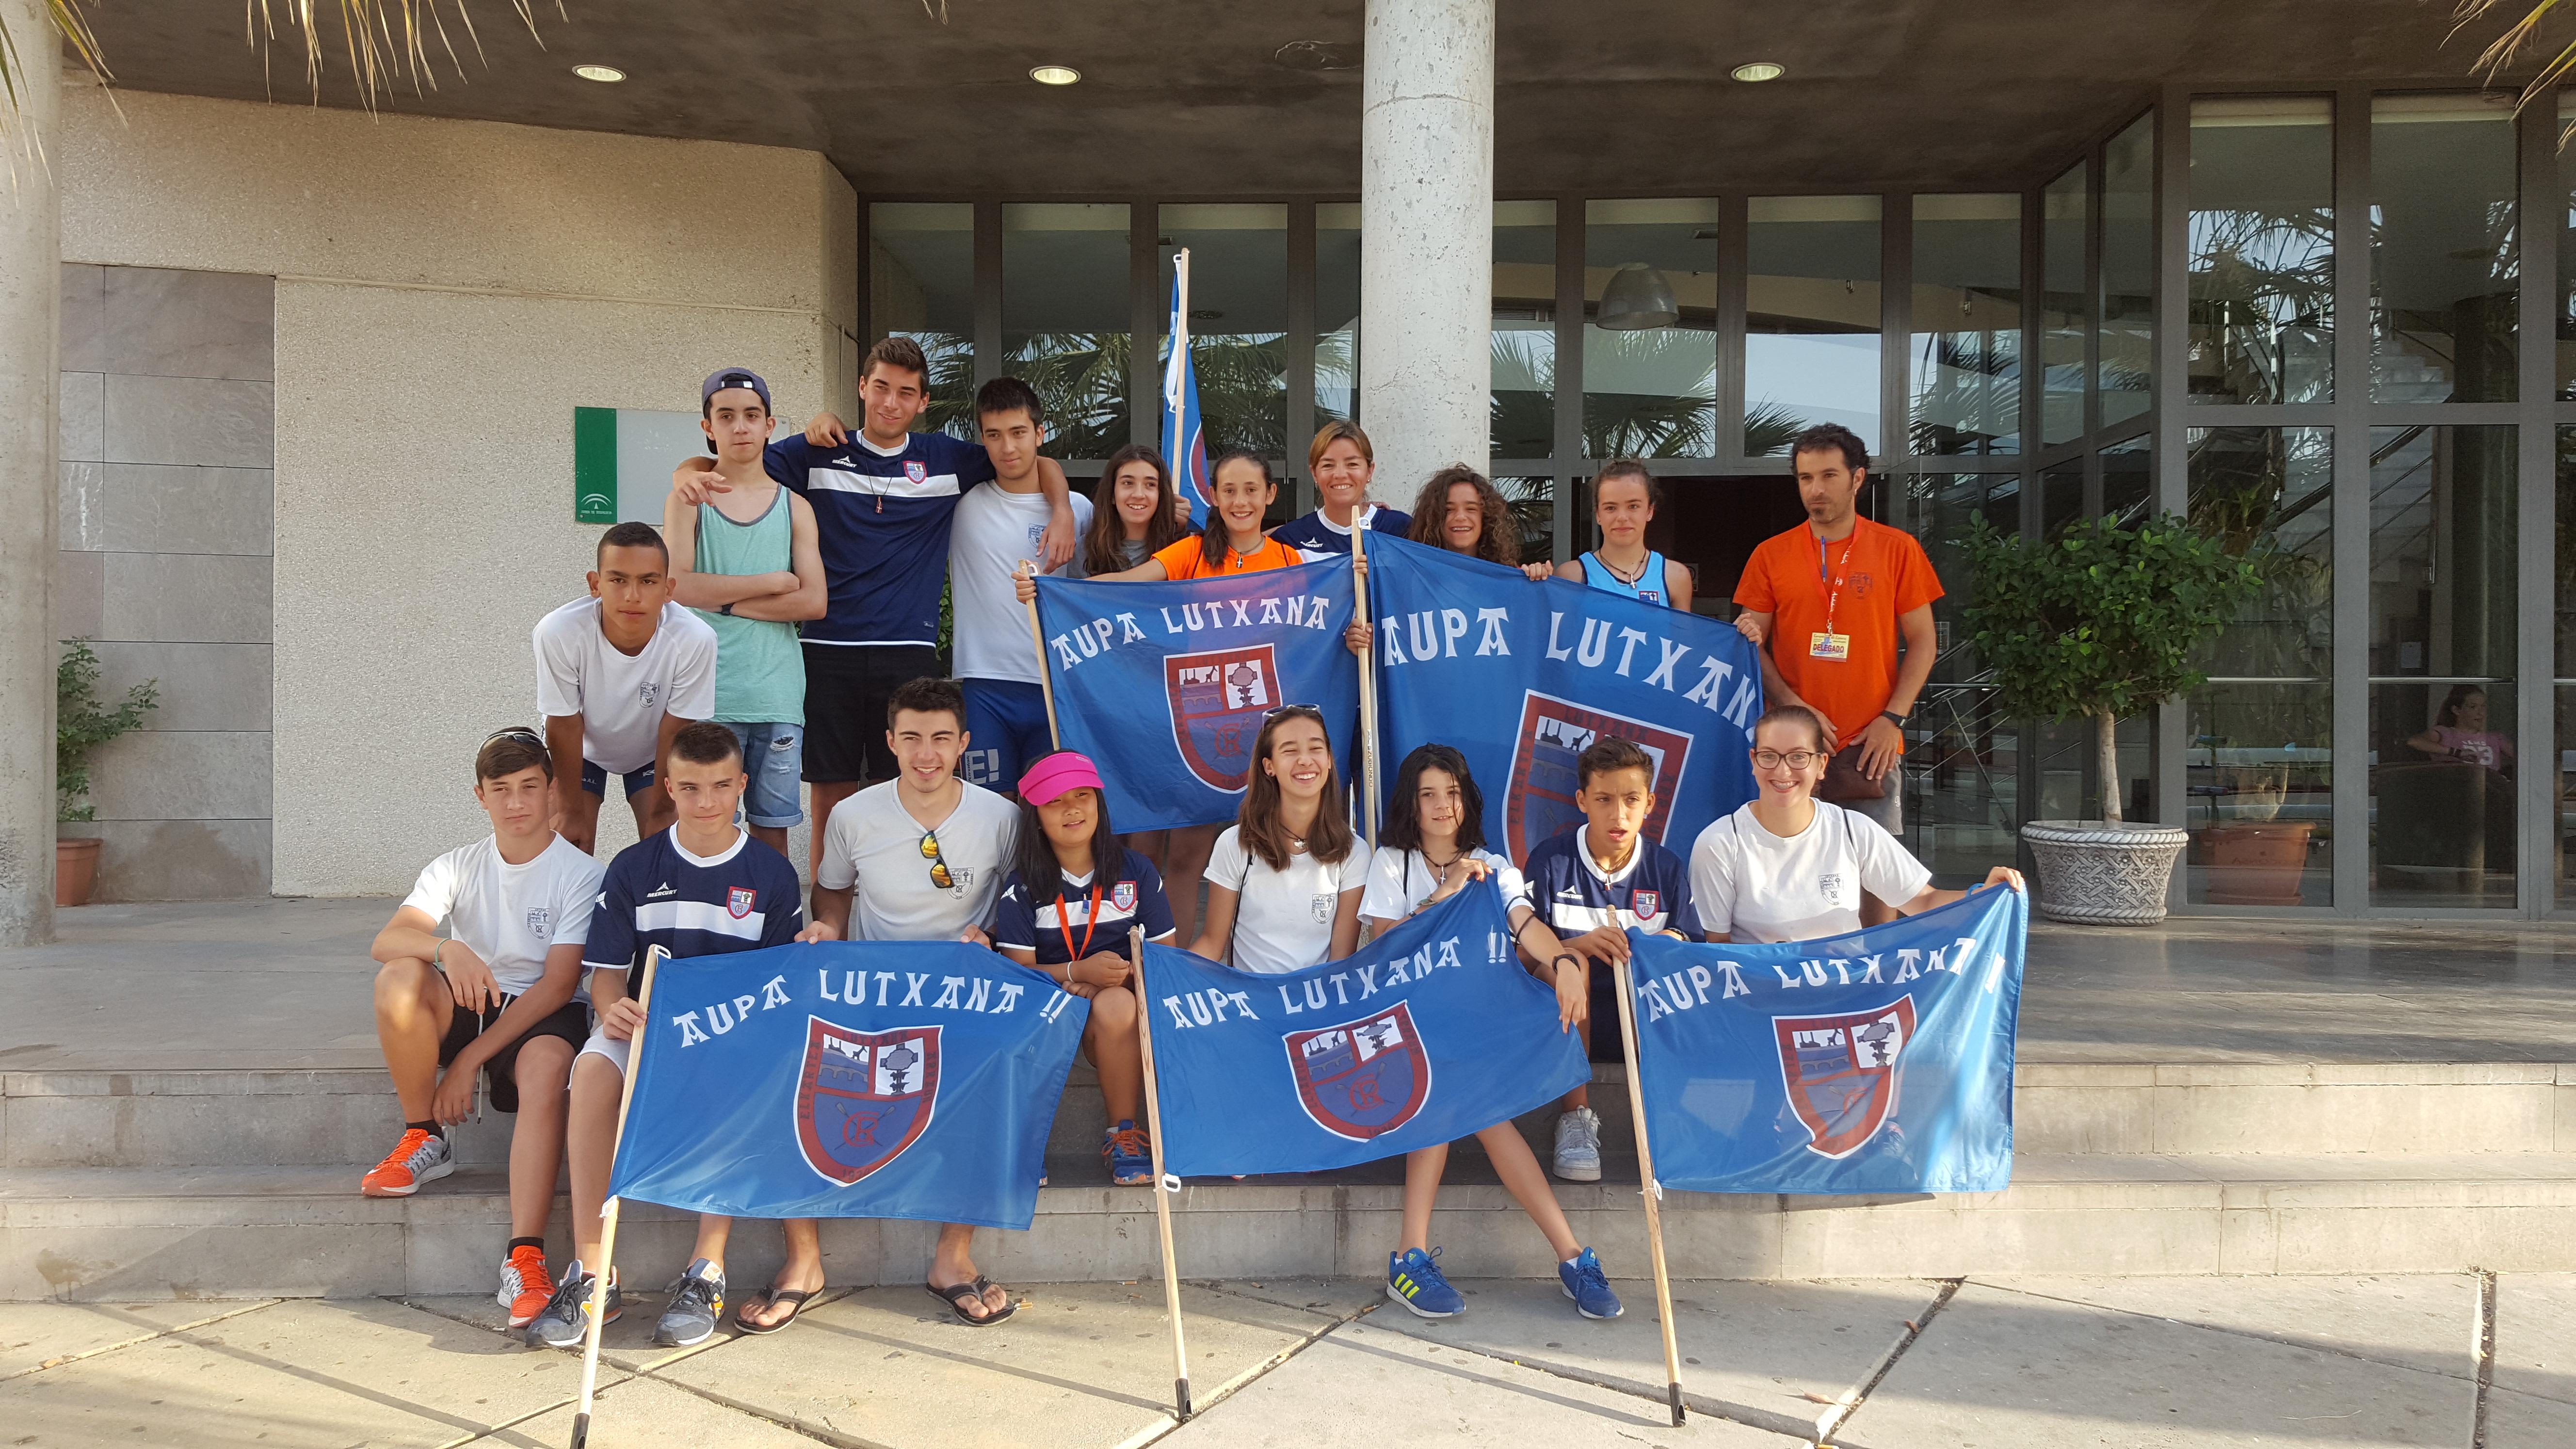 Lutxana AE Sevilla 2016